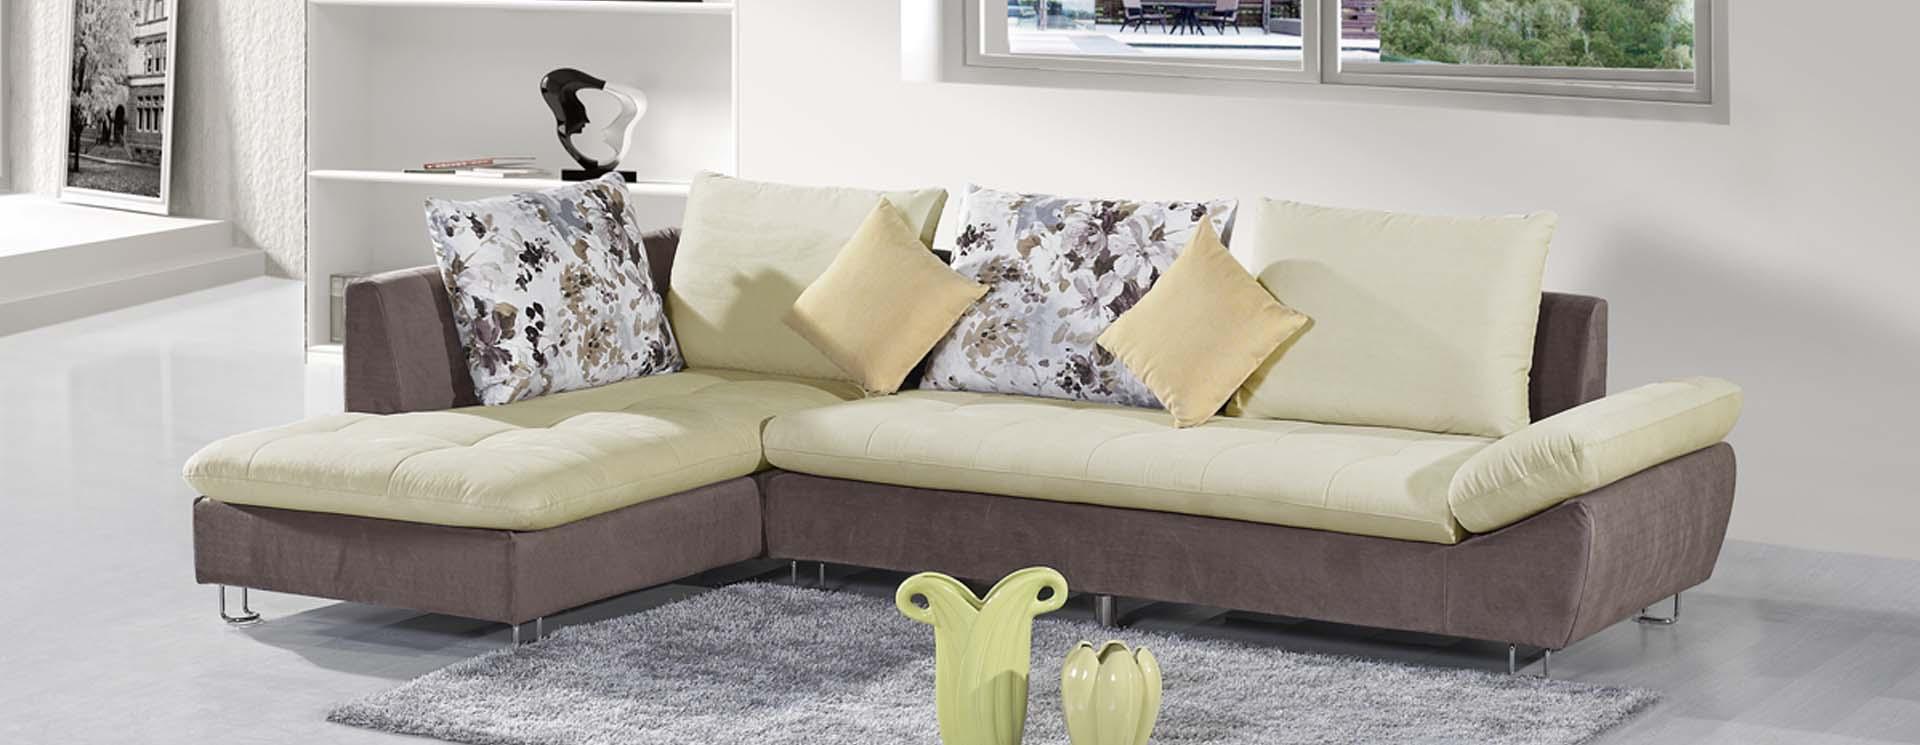 名称:沙发E-699C#<br/> 市场价:<font style='color:#999;text-decoration:line-through;'>¥0</font><br />全国统一零售价:<font color='Red'>¥0.0</font>